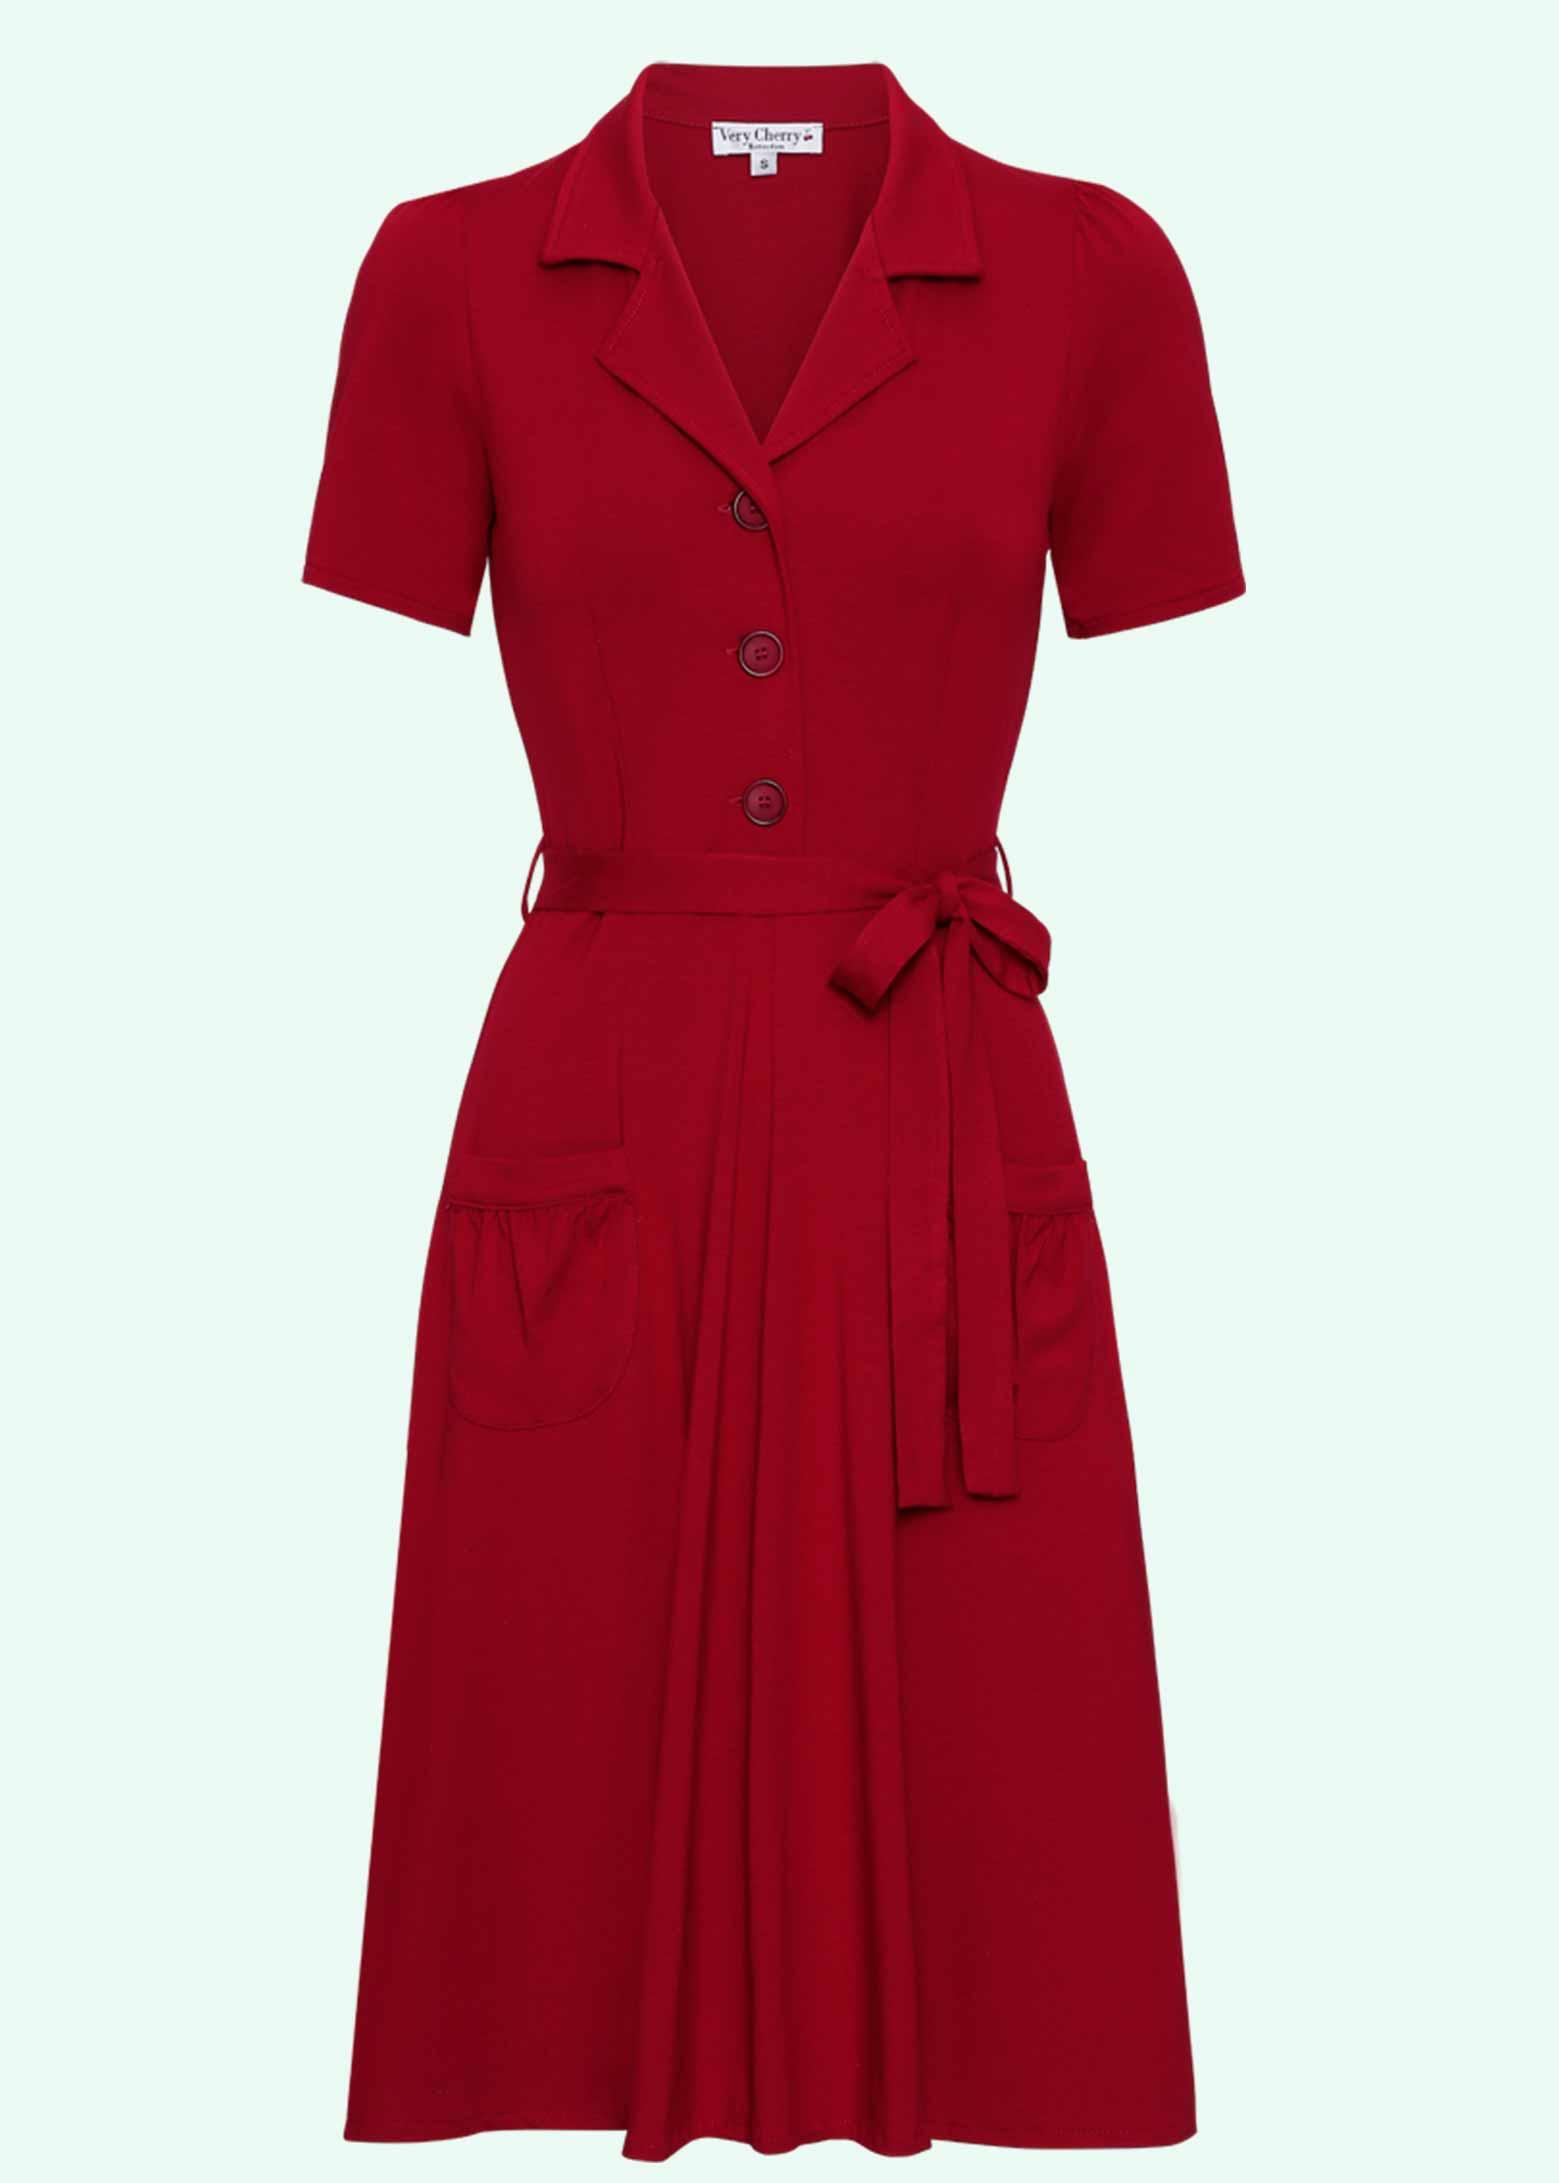 Klassiske rød 40'er stils skjortekjole fra Very Cherry